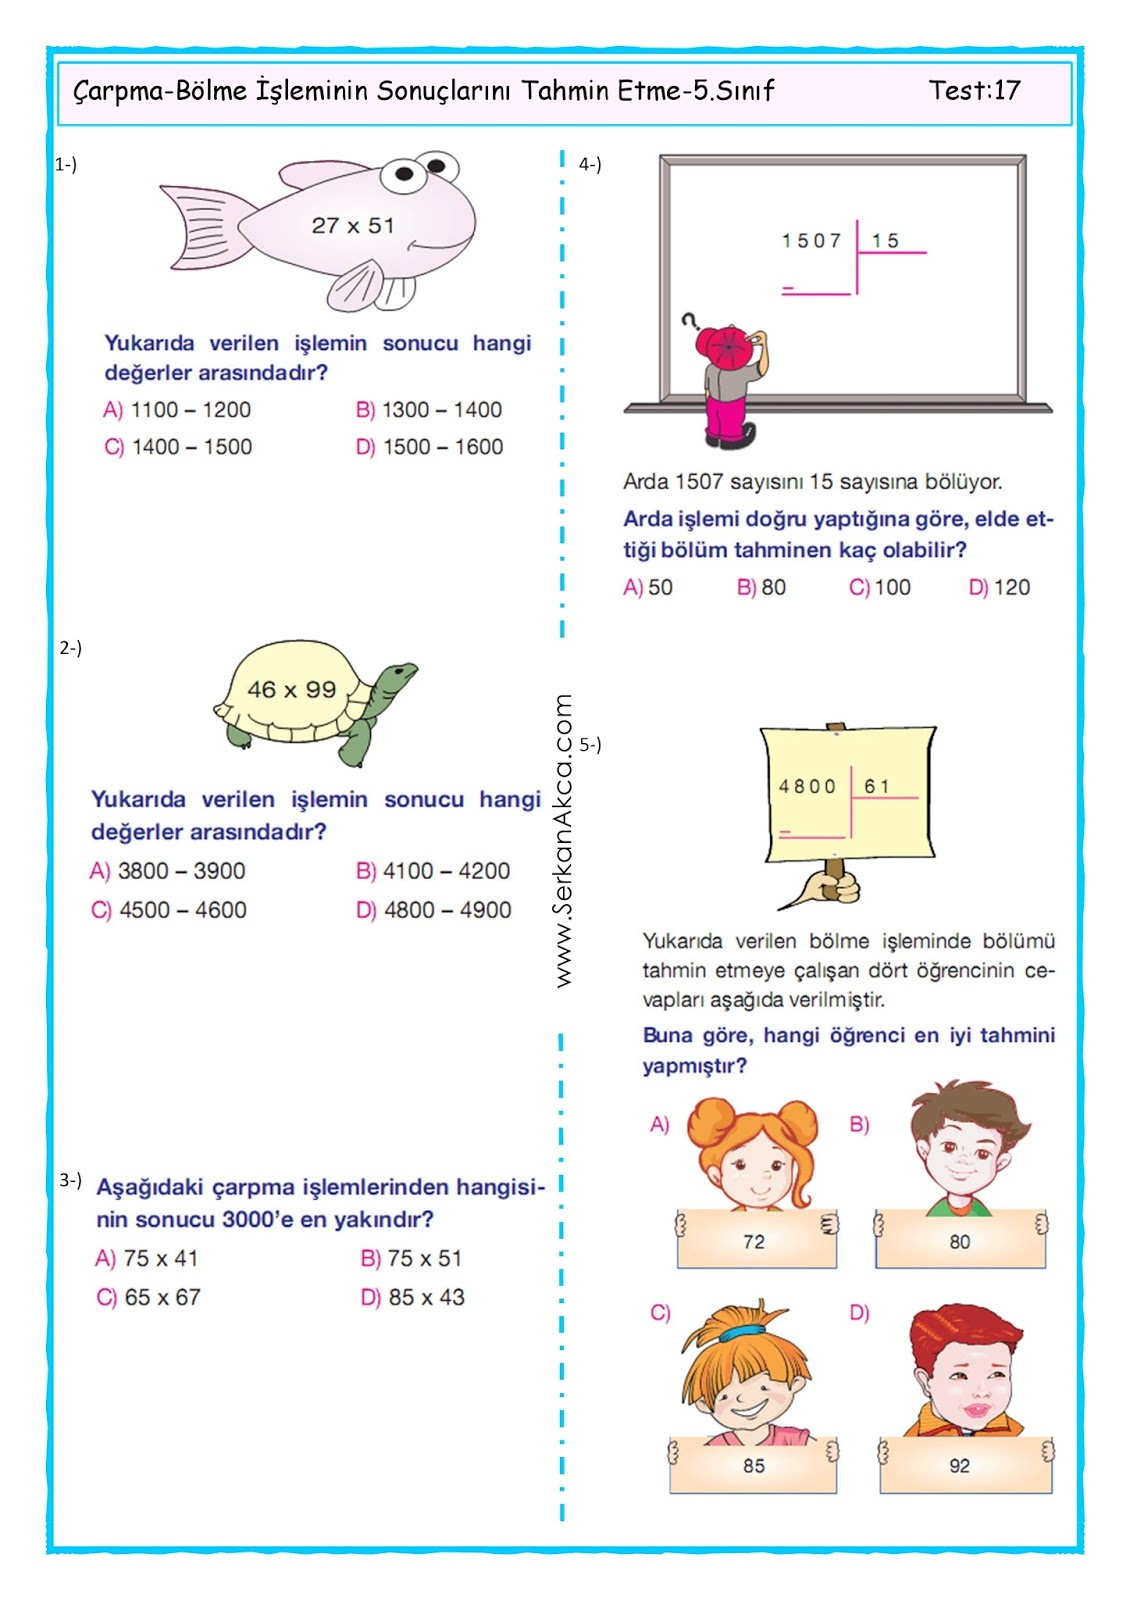 5.Sınıf-Çarpma-Bölme İşleminin Sonuçlarını Tahmin Etme-1